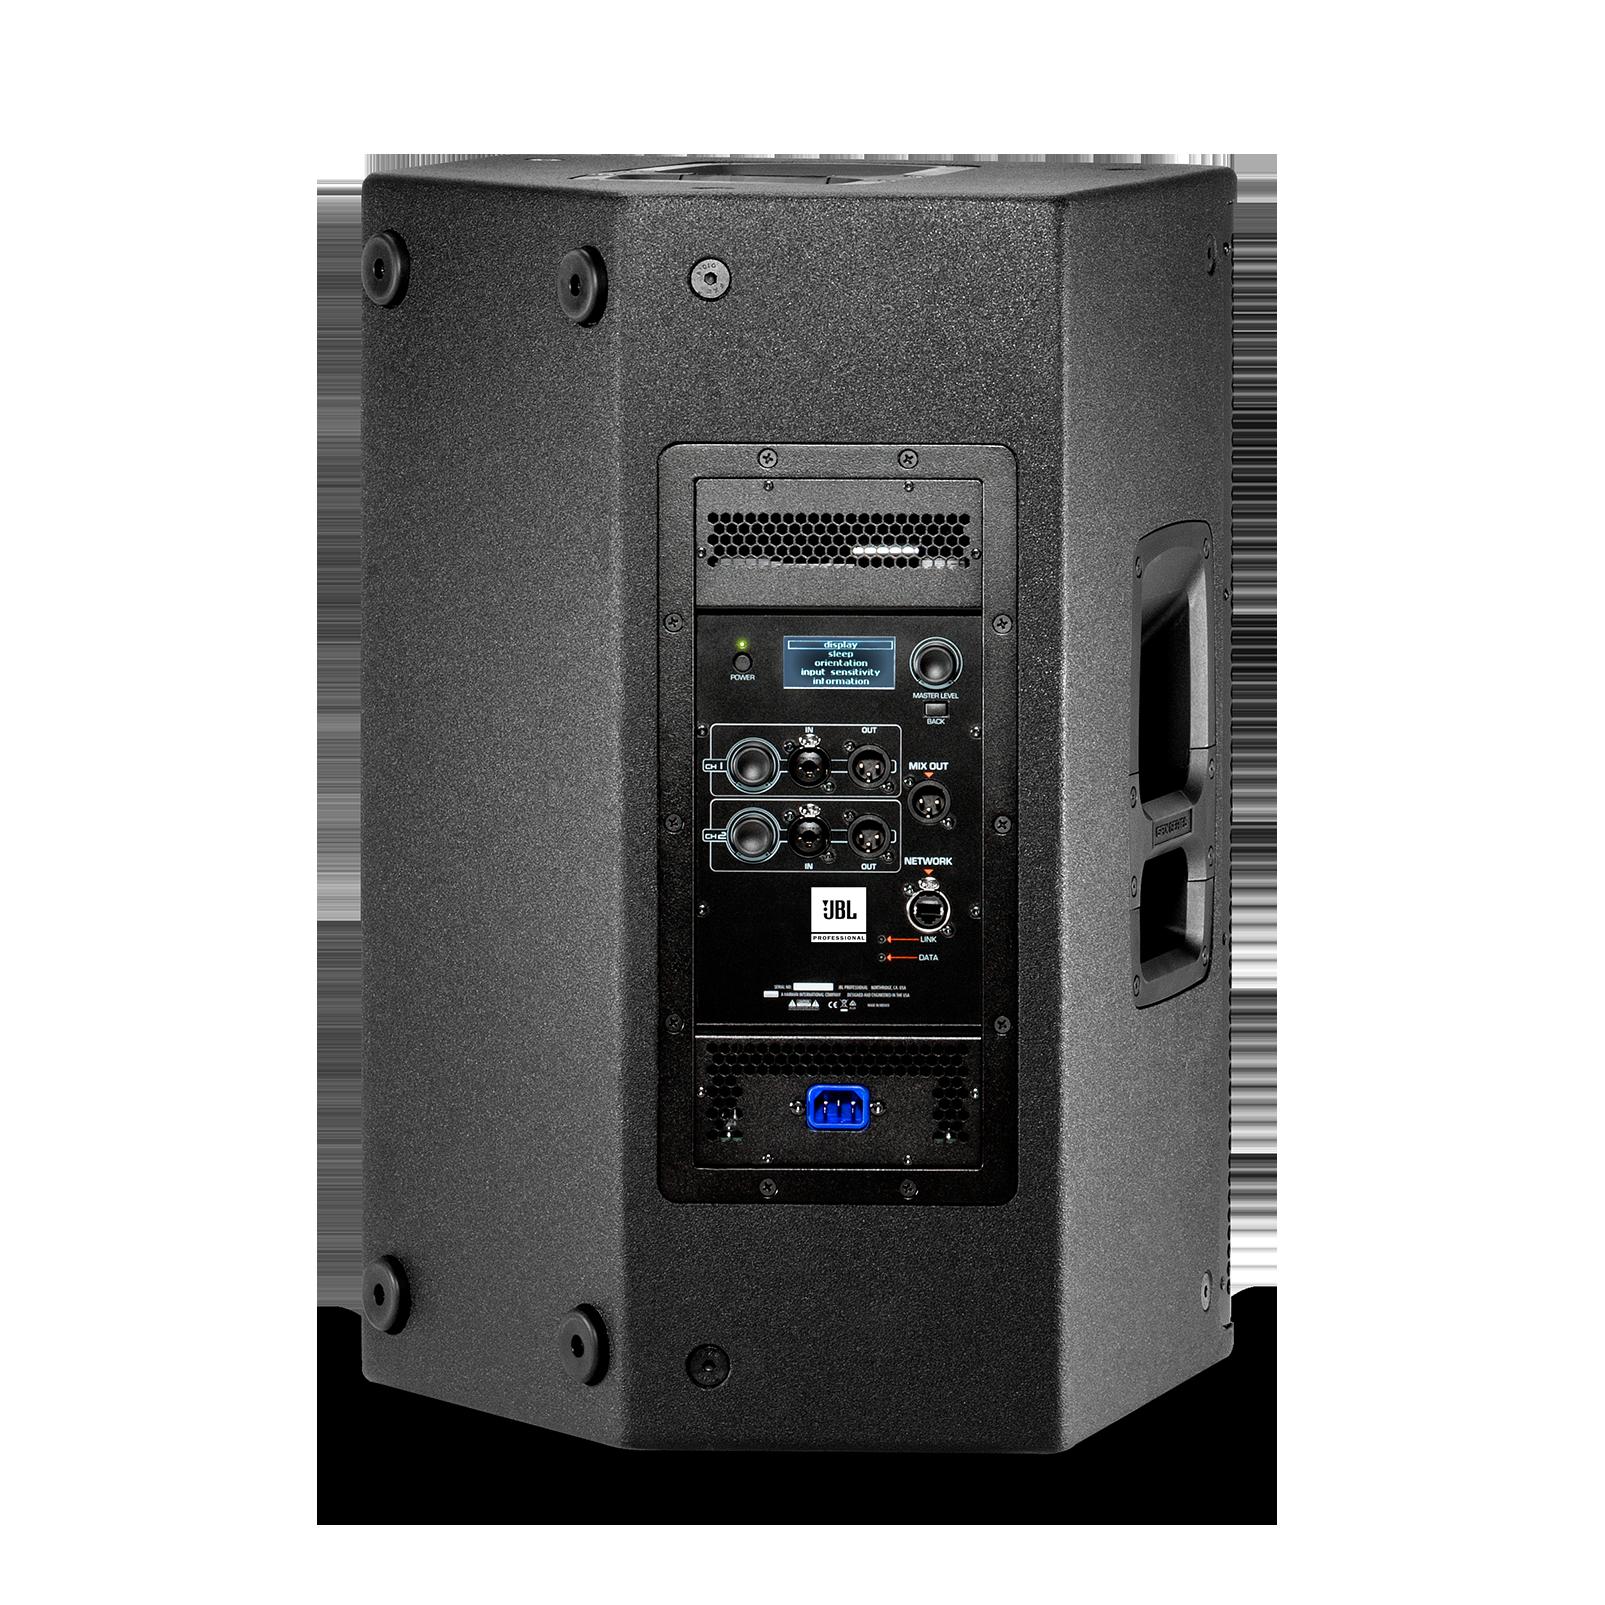 """JBL SRX812P - Black - 12"""" Two-Way Bass Reflex Self-Powered System - Back"""